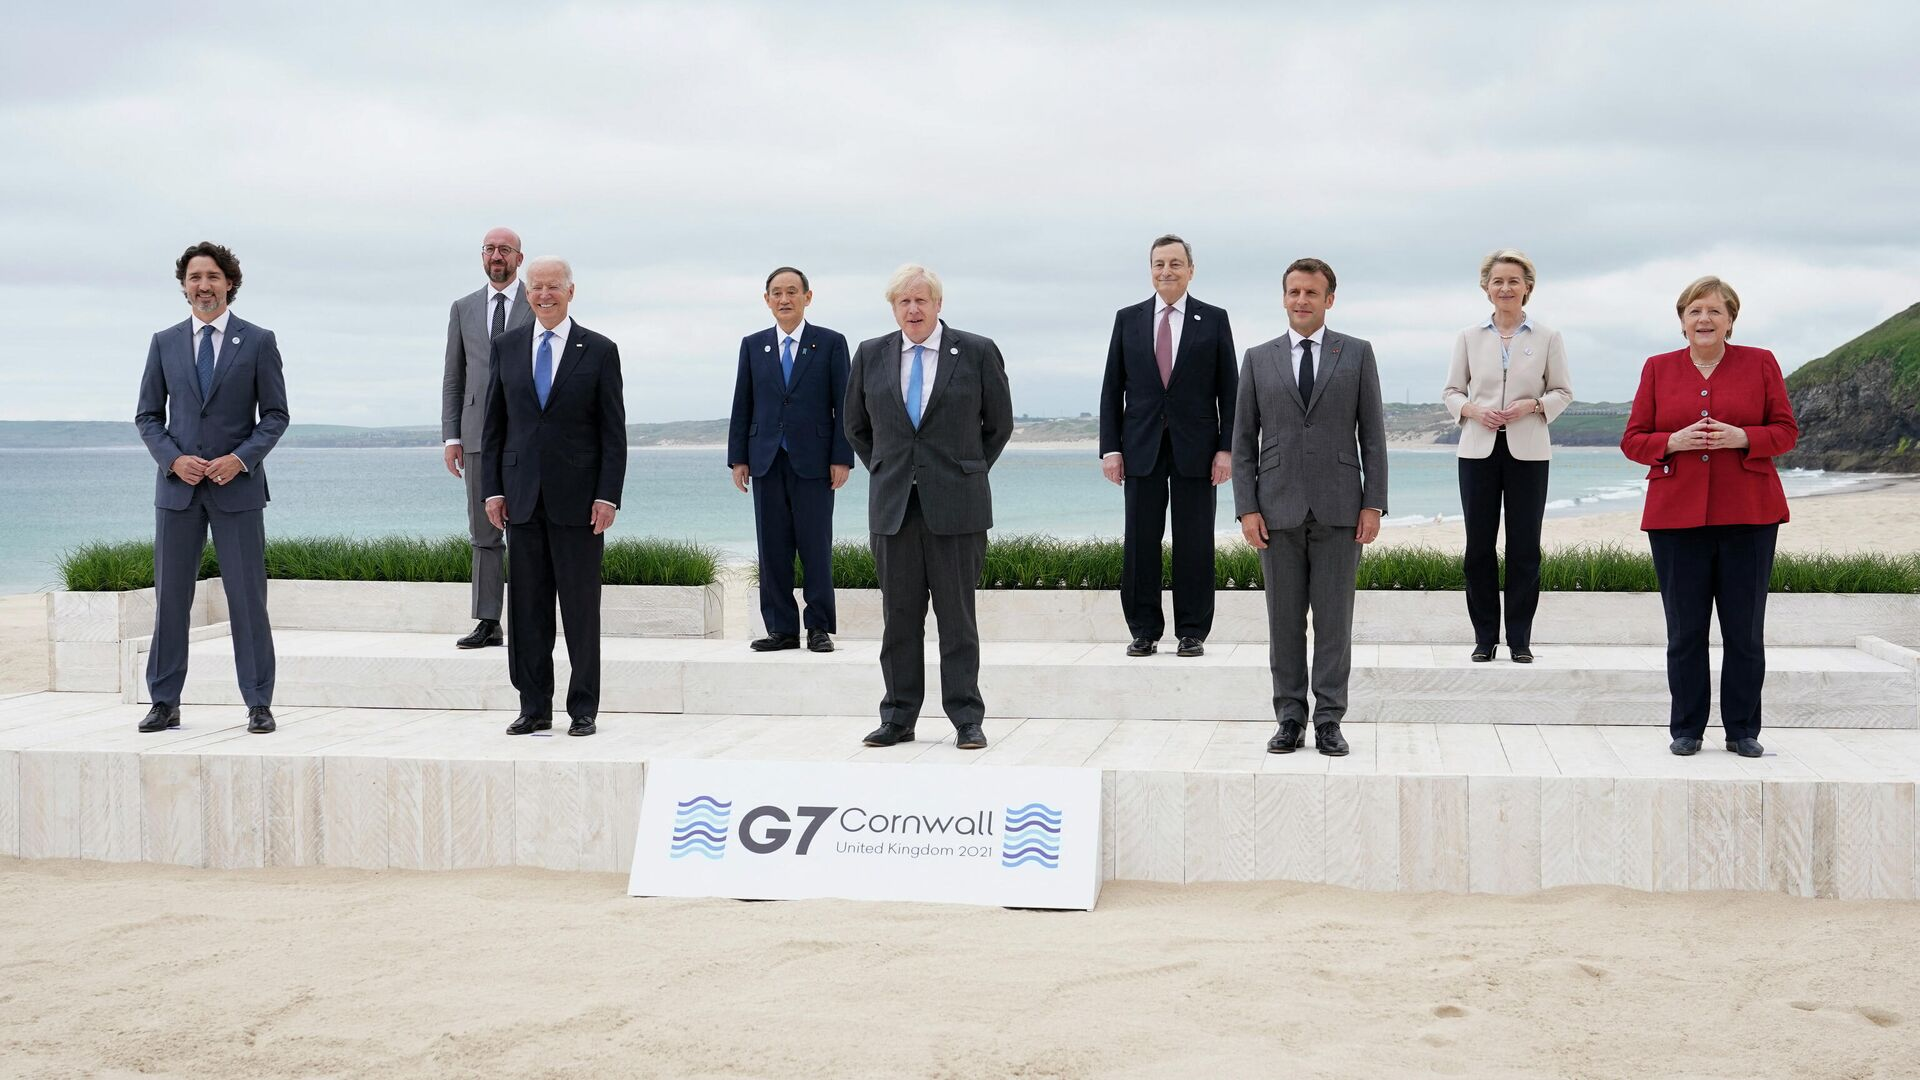 Лидеры стран-участниц G7 на церемонии фотографирования в в Карбас-Бее, Великобритания  - РИА Новости, 1920, 11.06.2021